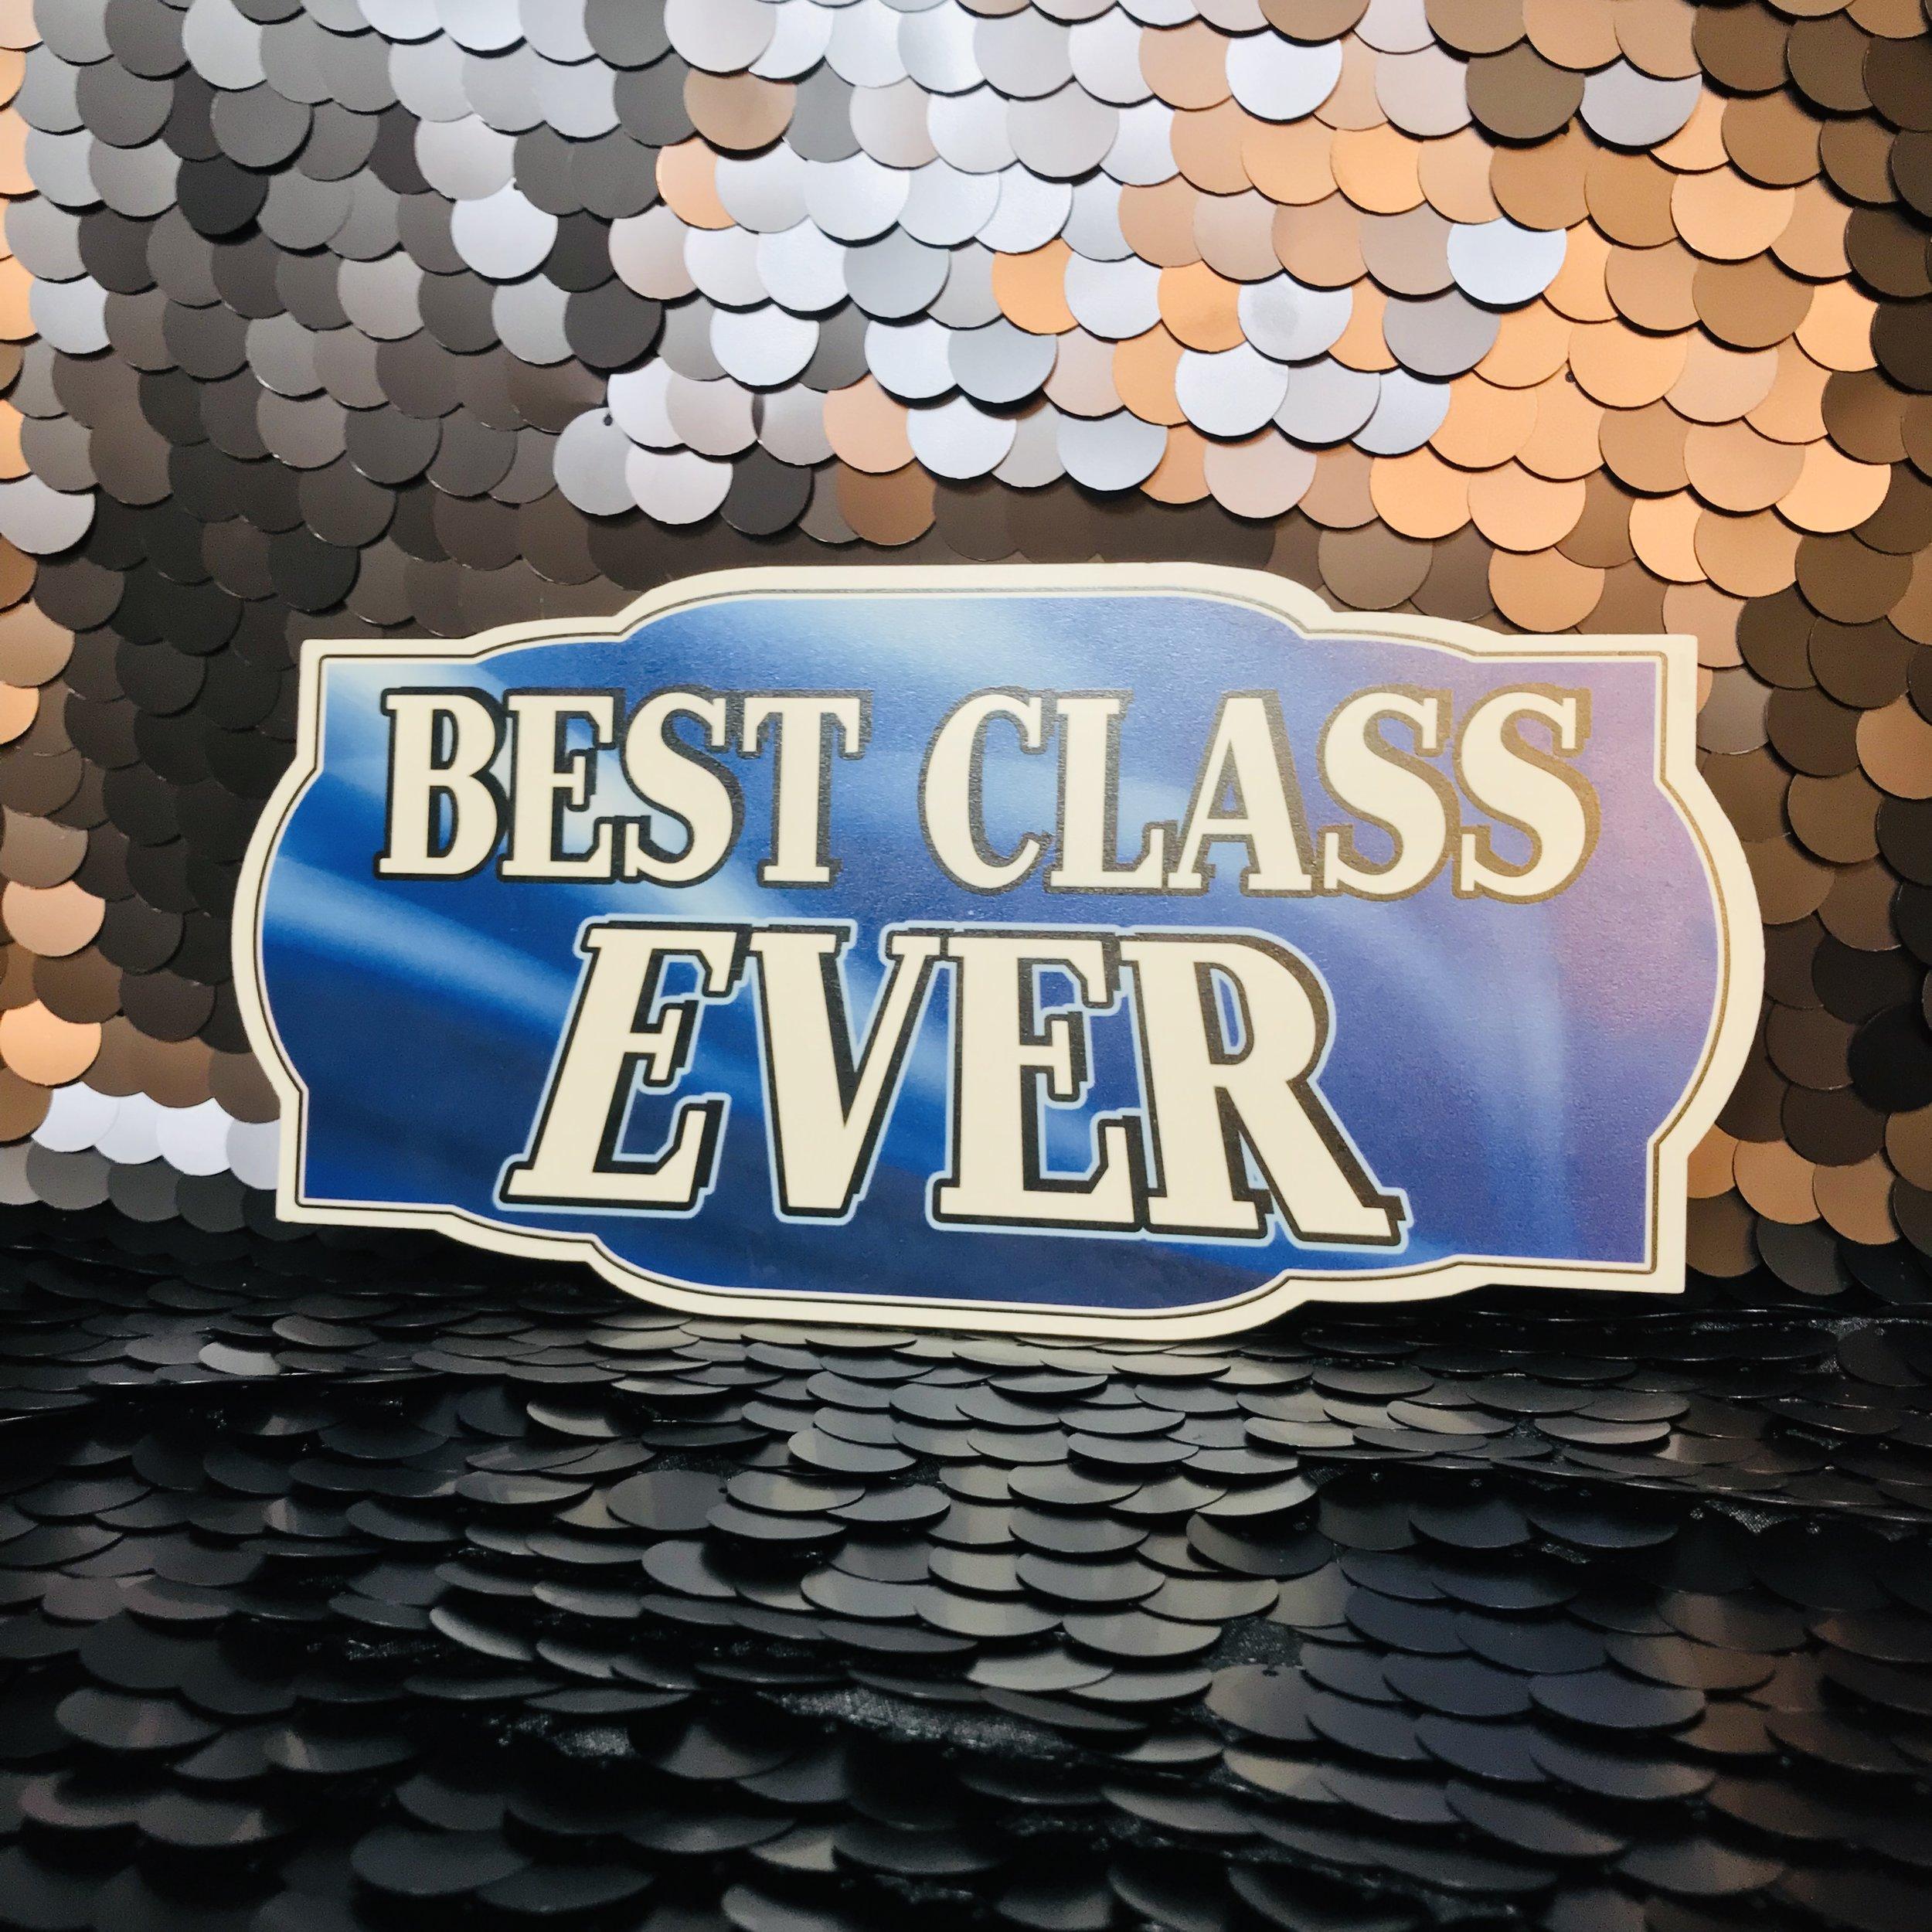 Best Class ever.jpg